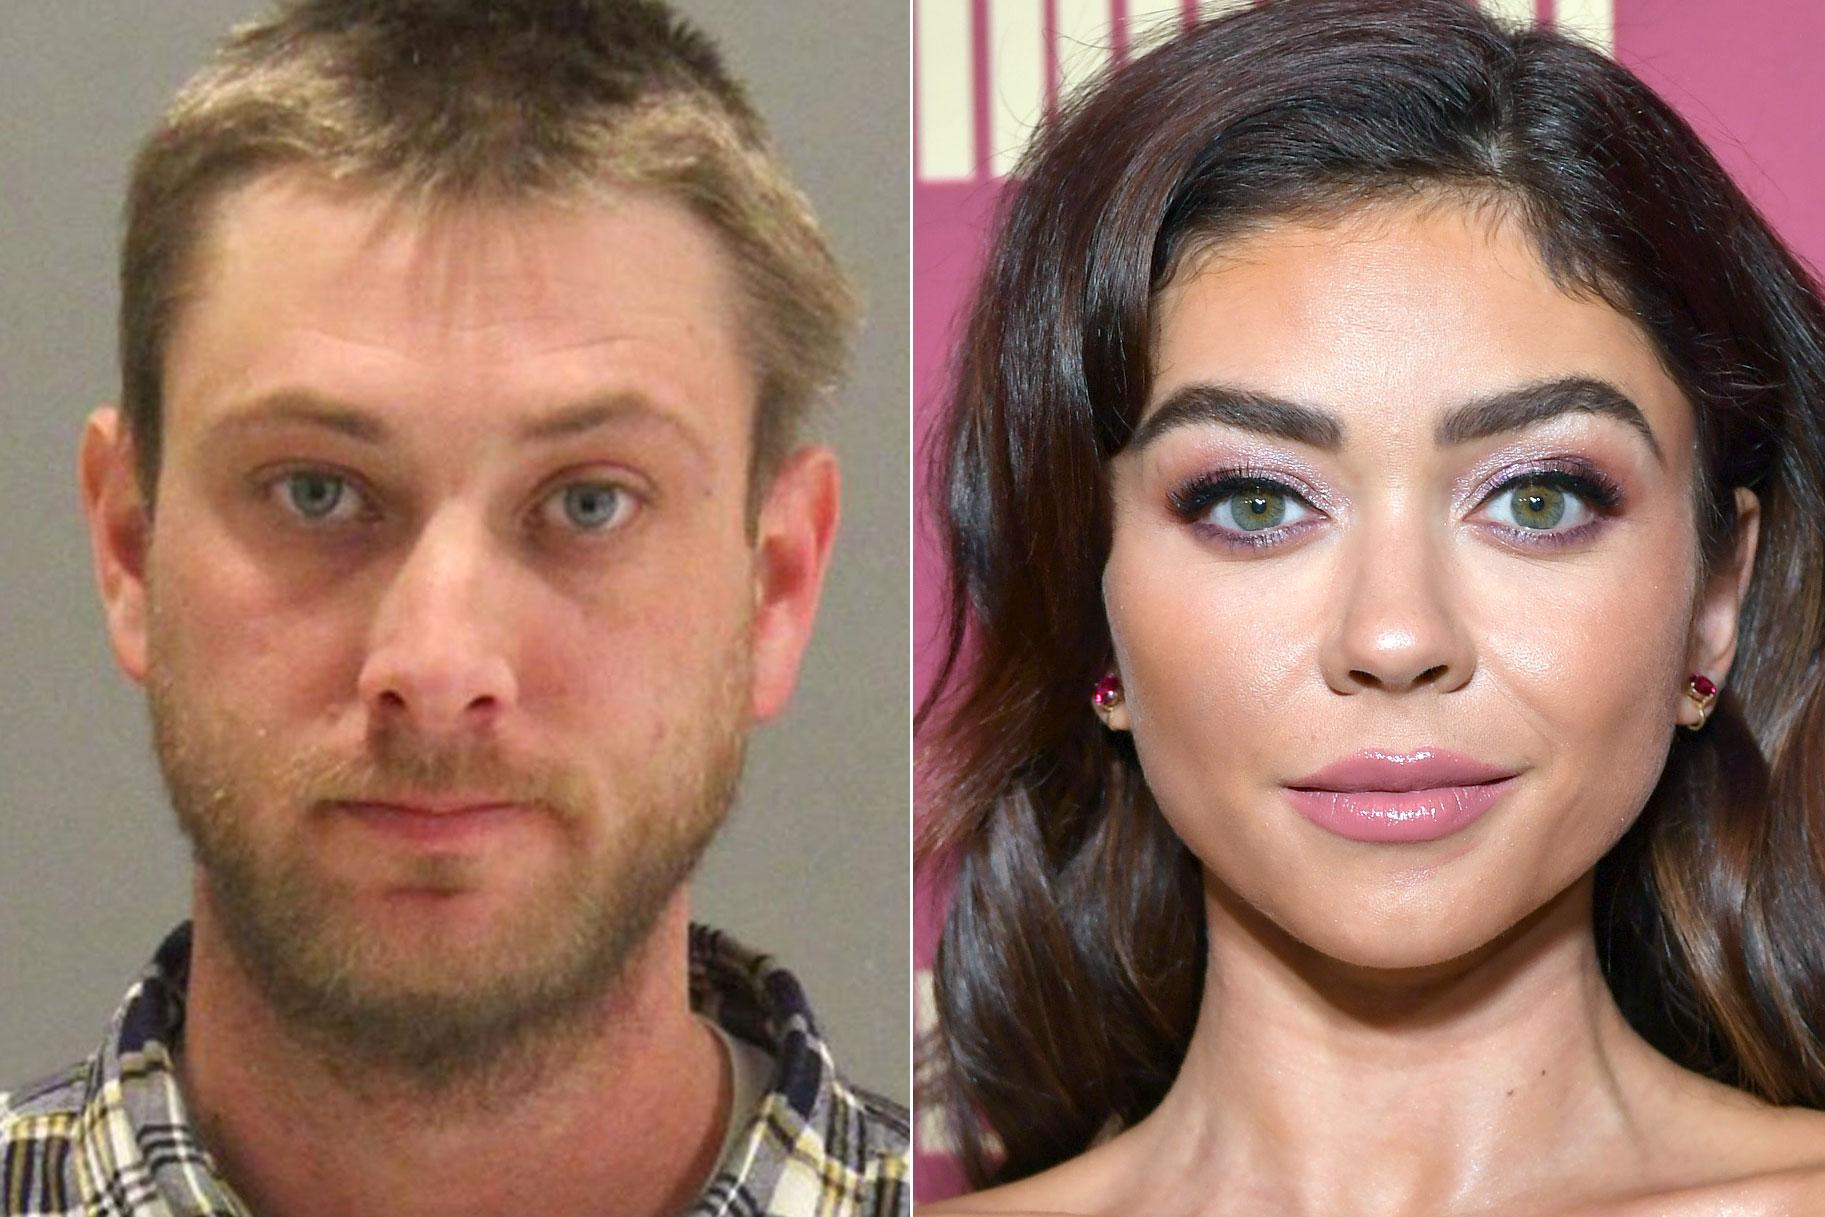 נהג שיכור אחראי לקראש שהרג את בת הדודה של שרה הילנד שנידונה לעשרות שנים מאחורי הסורגים